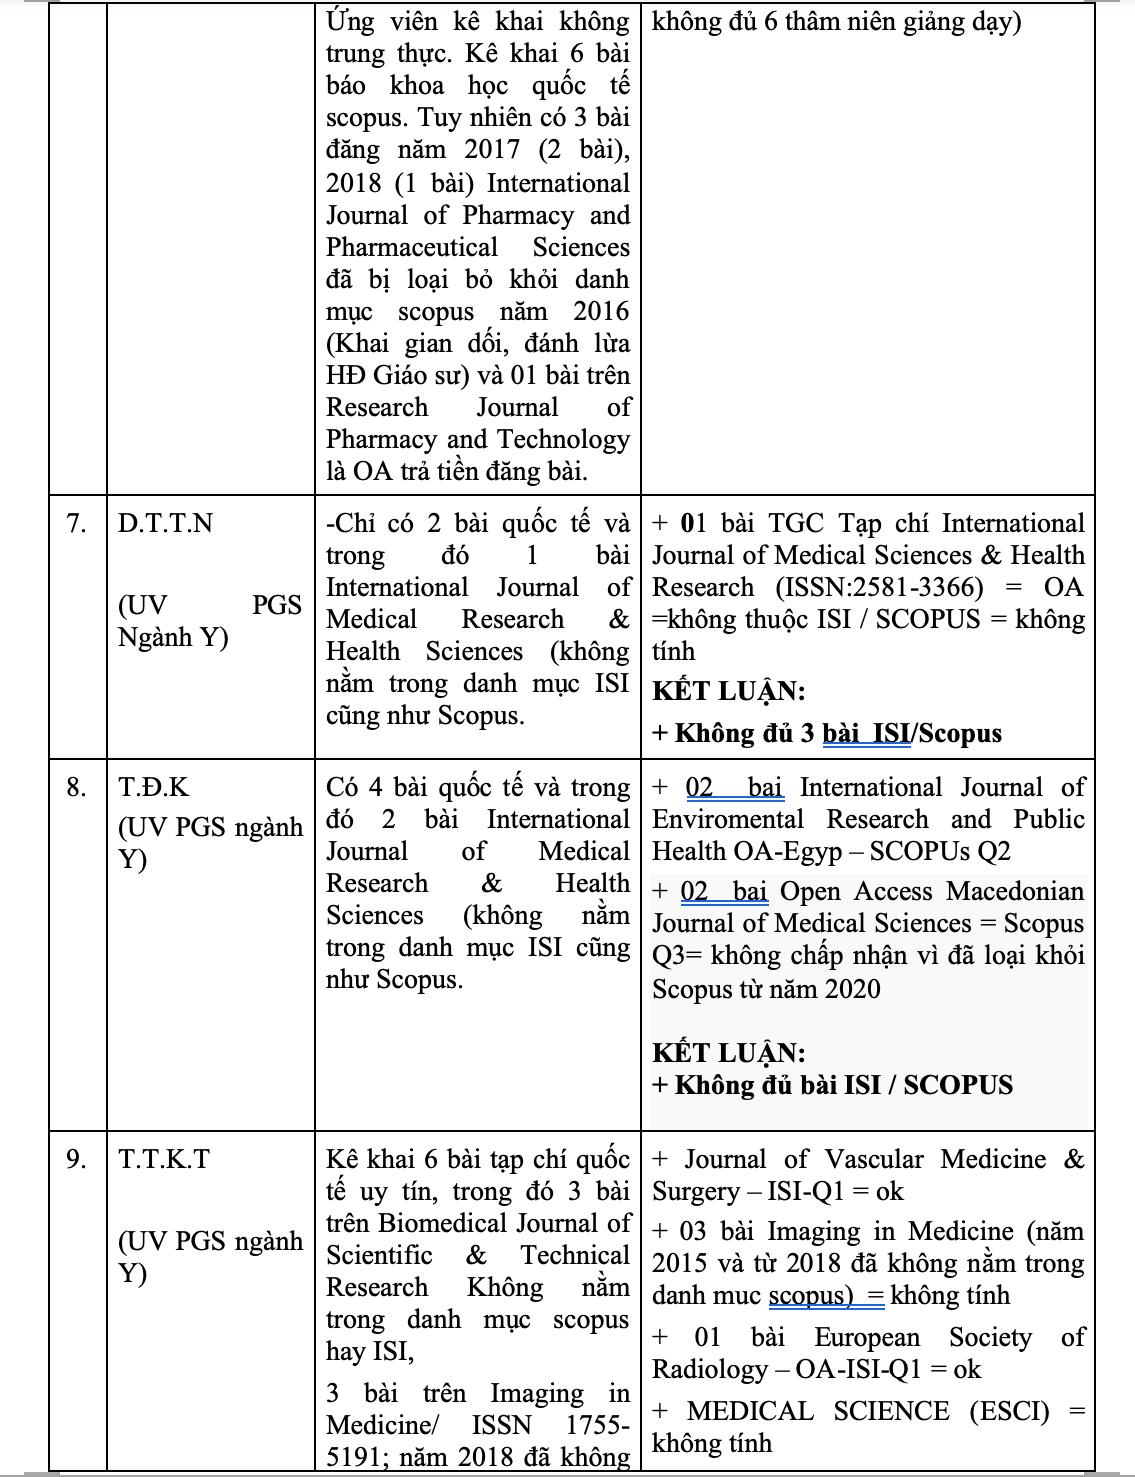 Danh sách 16 ứng viên GS, PGS dính nghi án gian dối bài báo quốc tế - 4